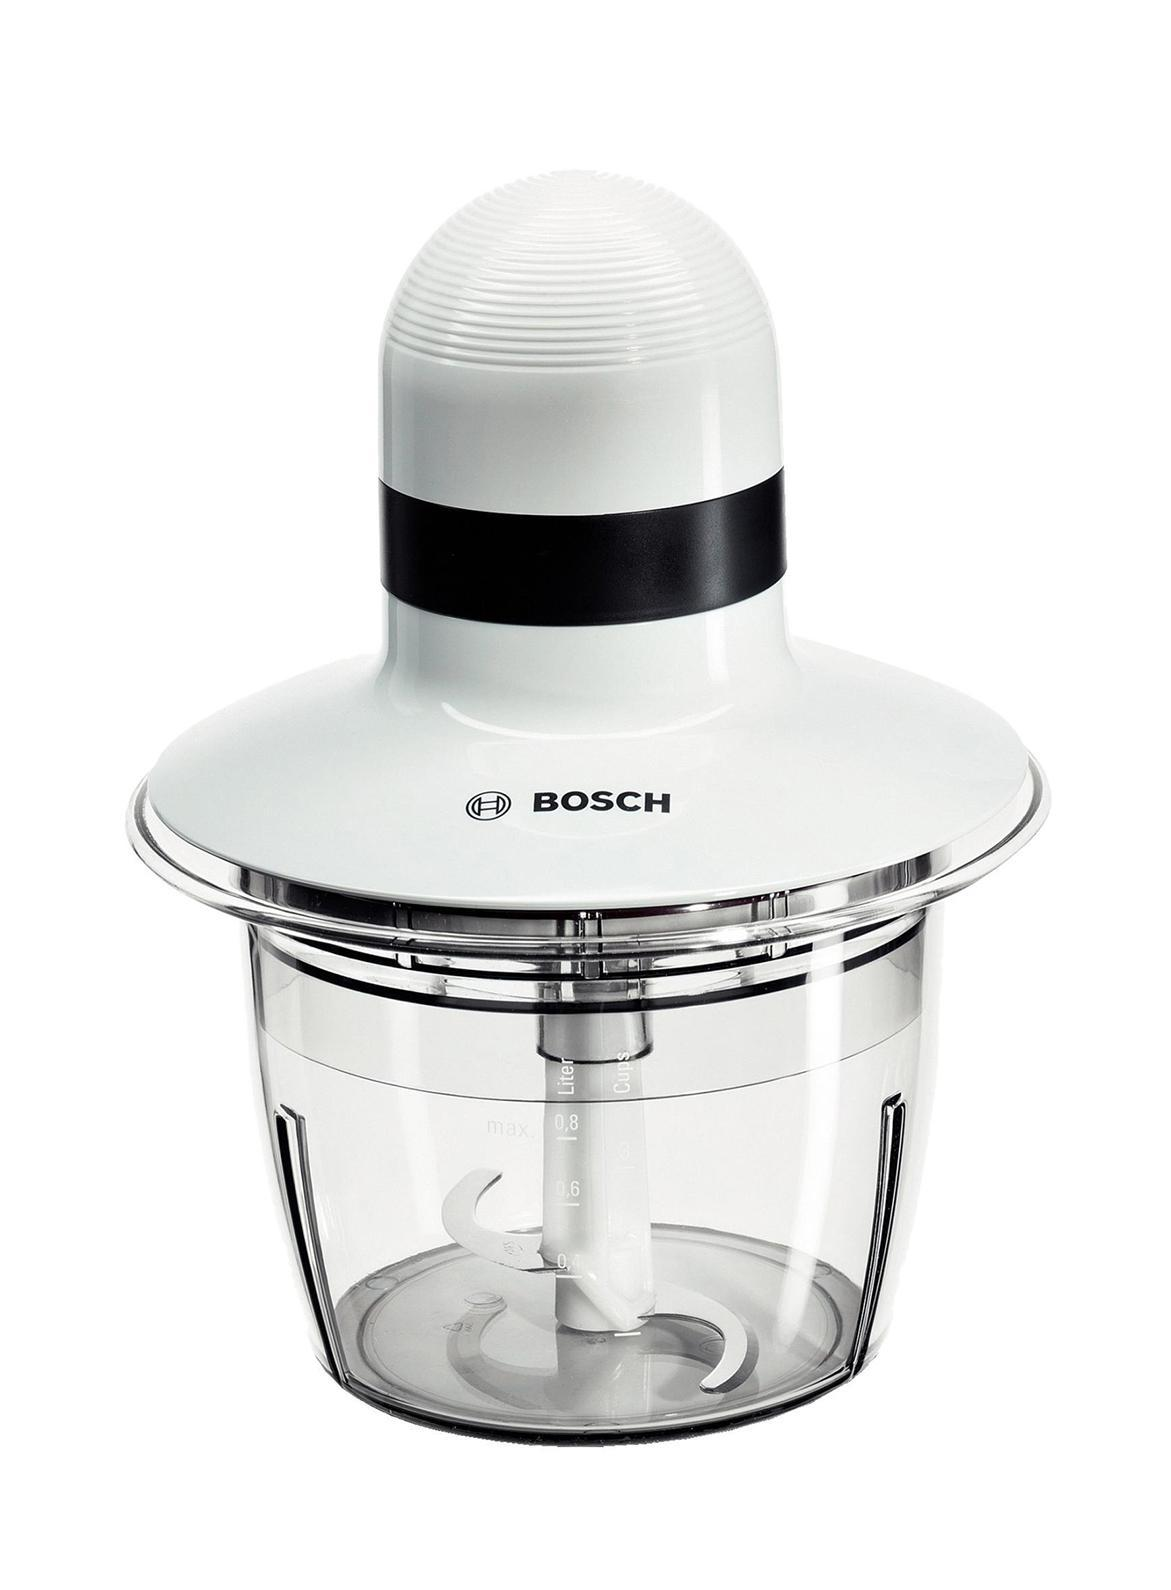 Bosch MMR08A1 измельчительMMR08A1Простой в эксплуатации измельчитель Bosch MMR08A1 прекрасно подойдет для приготовления овощных салатов, соусов, а также многих других блюд. Чаша-измельчитель с рядом лопастных ножей для измельчения мяса, рыбы, овощей и пр. Компактная, объём не превышает 0.8 л. Чаша изготовлена из ударопрочного пластика, а нож - из нержавеющей стали. Мощность устройства составляет 400 Вт, а работа возможно только в одном режиме и с одной скоростью. При этом пользователь отдельно может активировать импульсный режим во избежание излишней нагрузки на мотор при нарезании твёрдых продуктов.